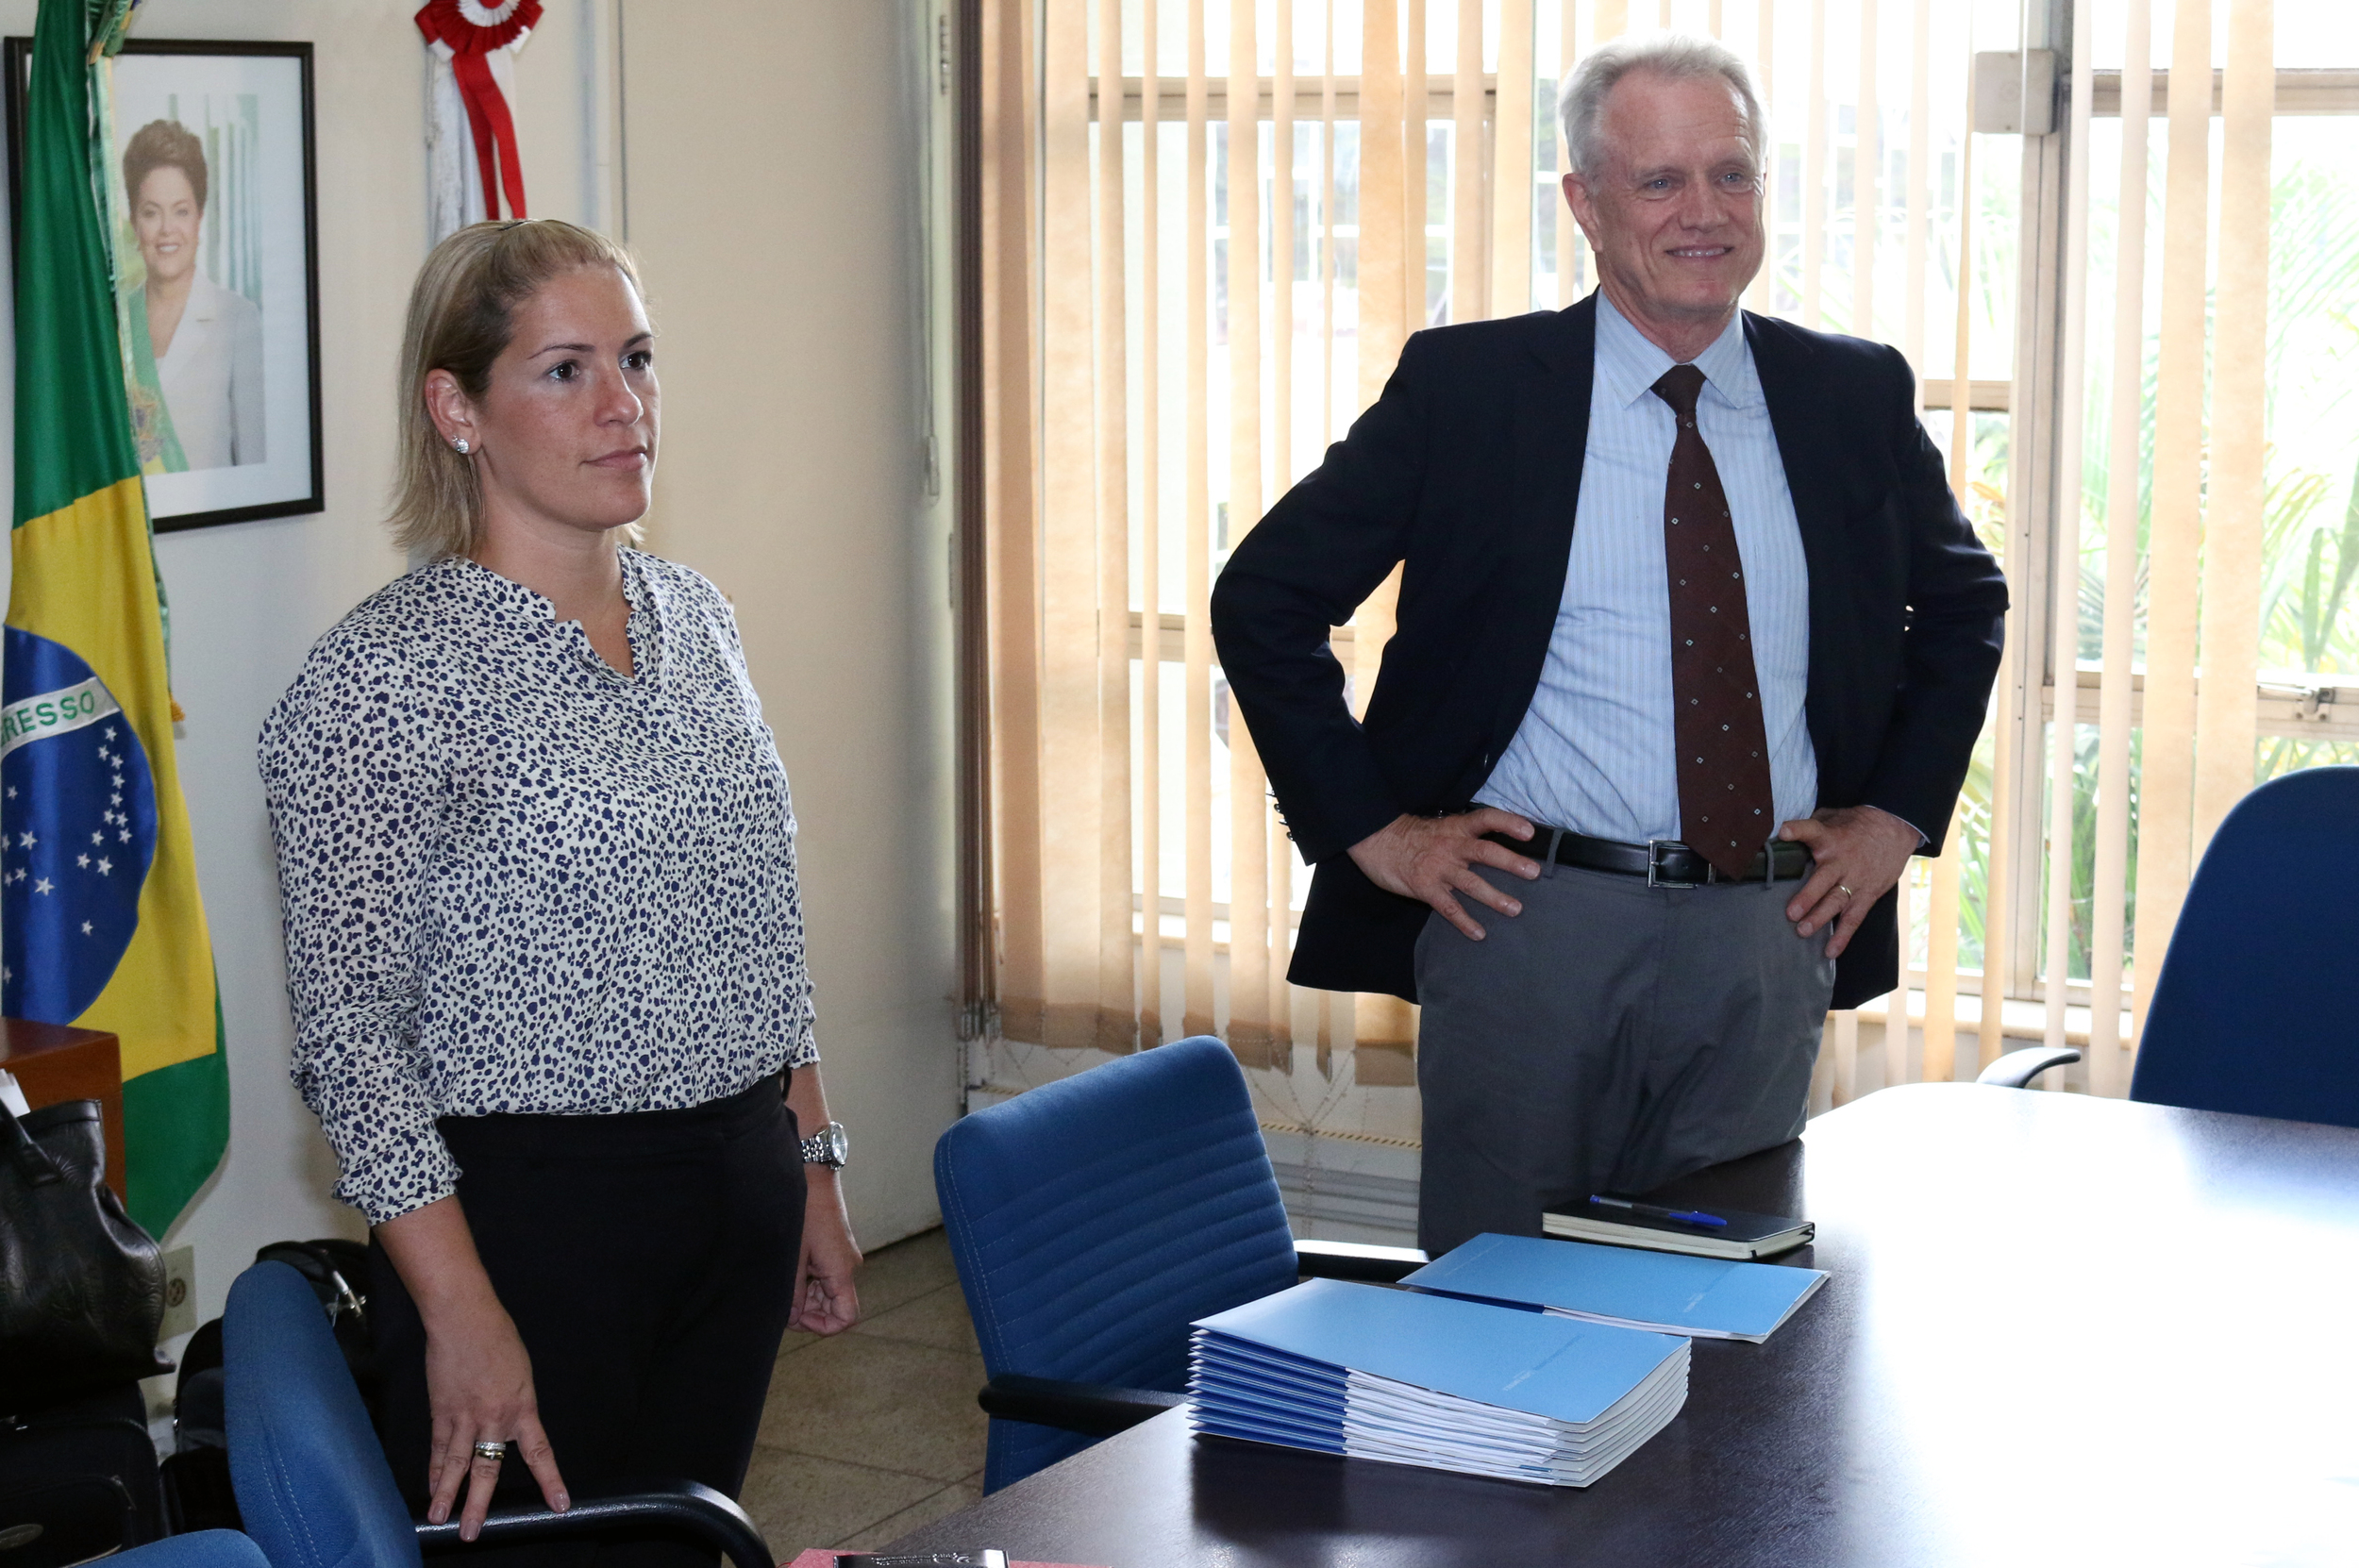 Maria Luiza e Trebat são, respectivamente, Coordenadora e Diretor do Columbia Global Center no Brasil